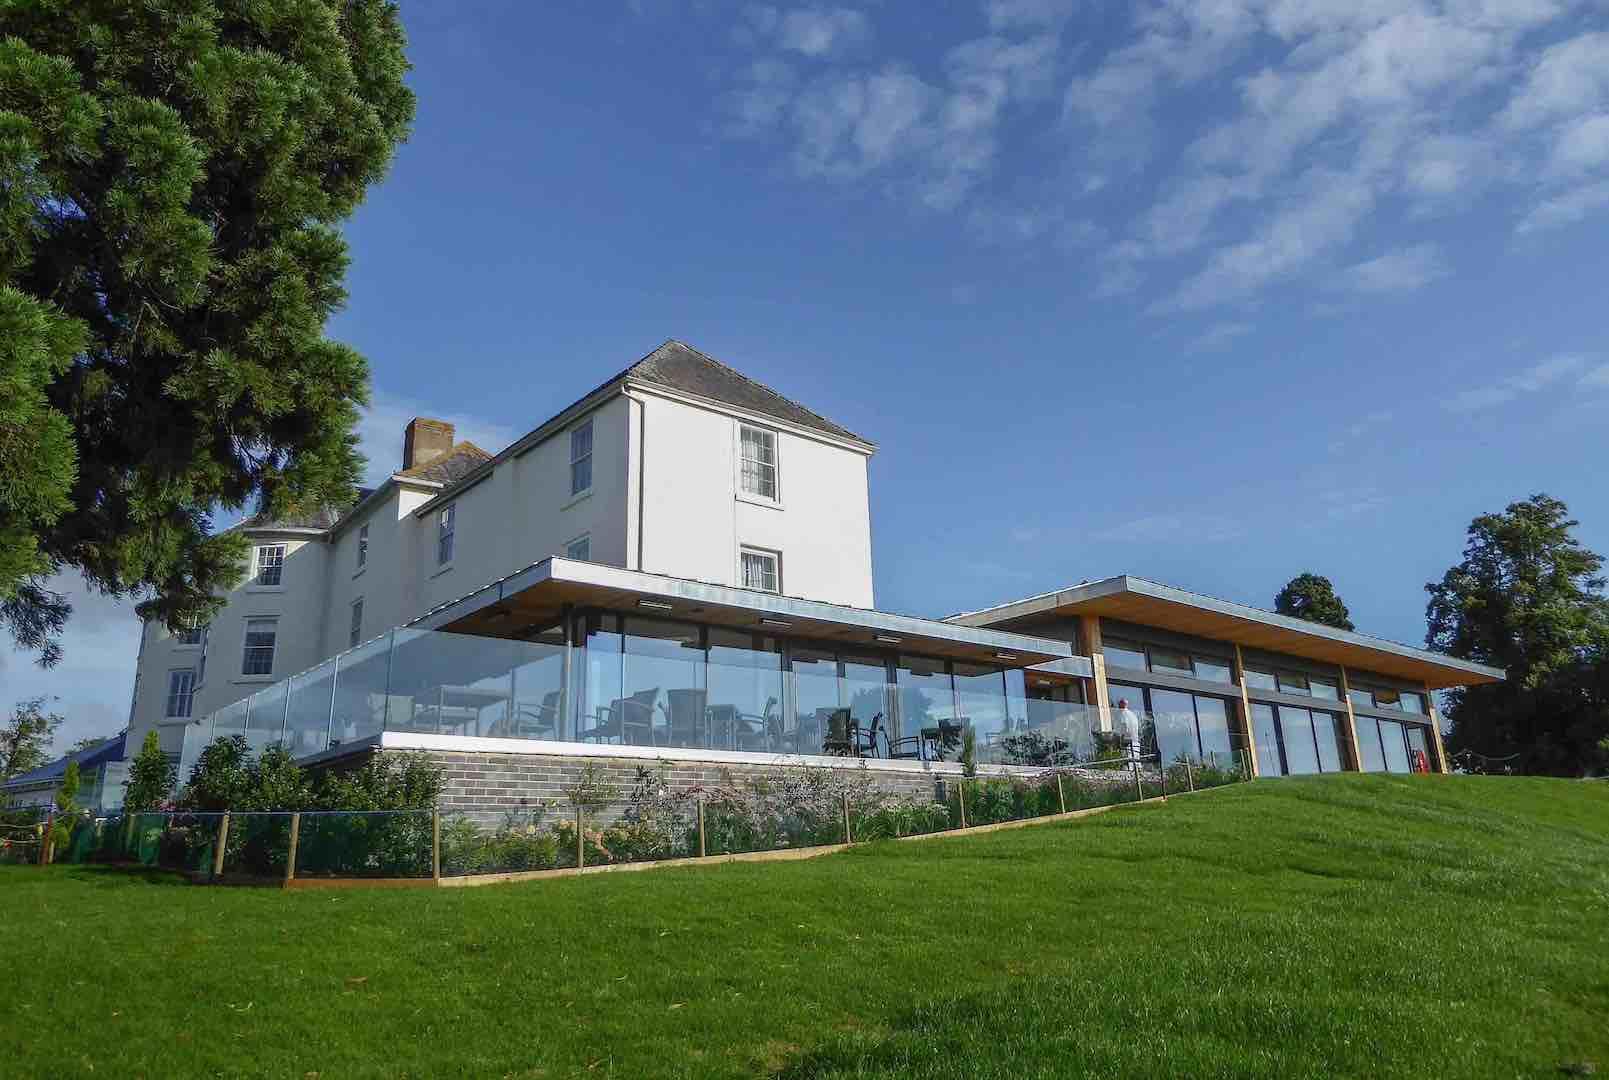 Tewkesbury Park unveils £9m facelift